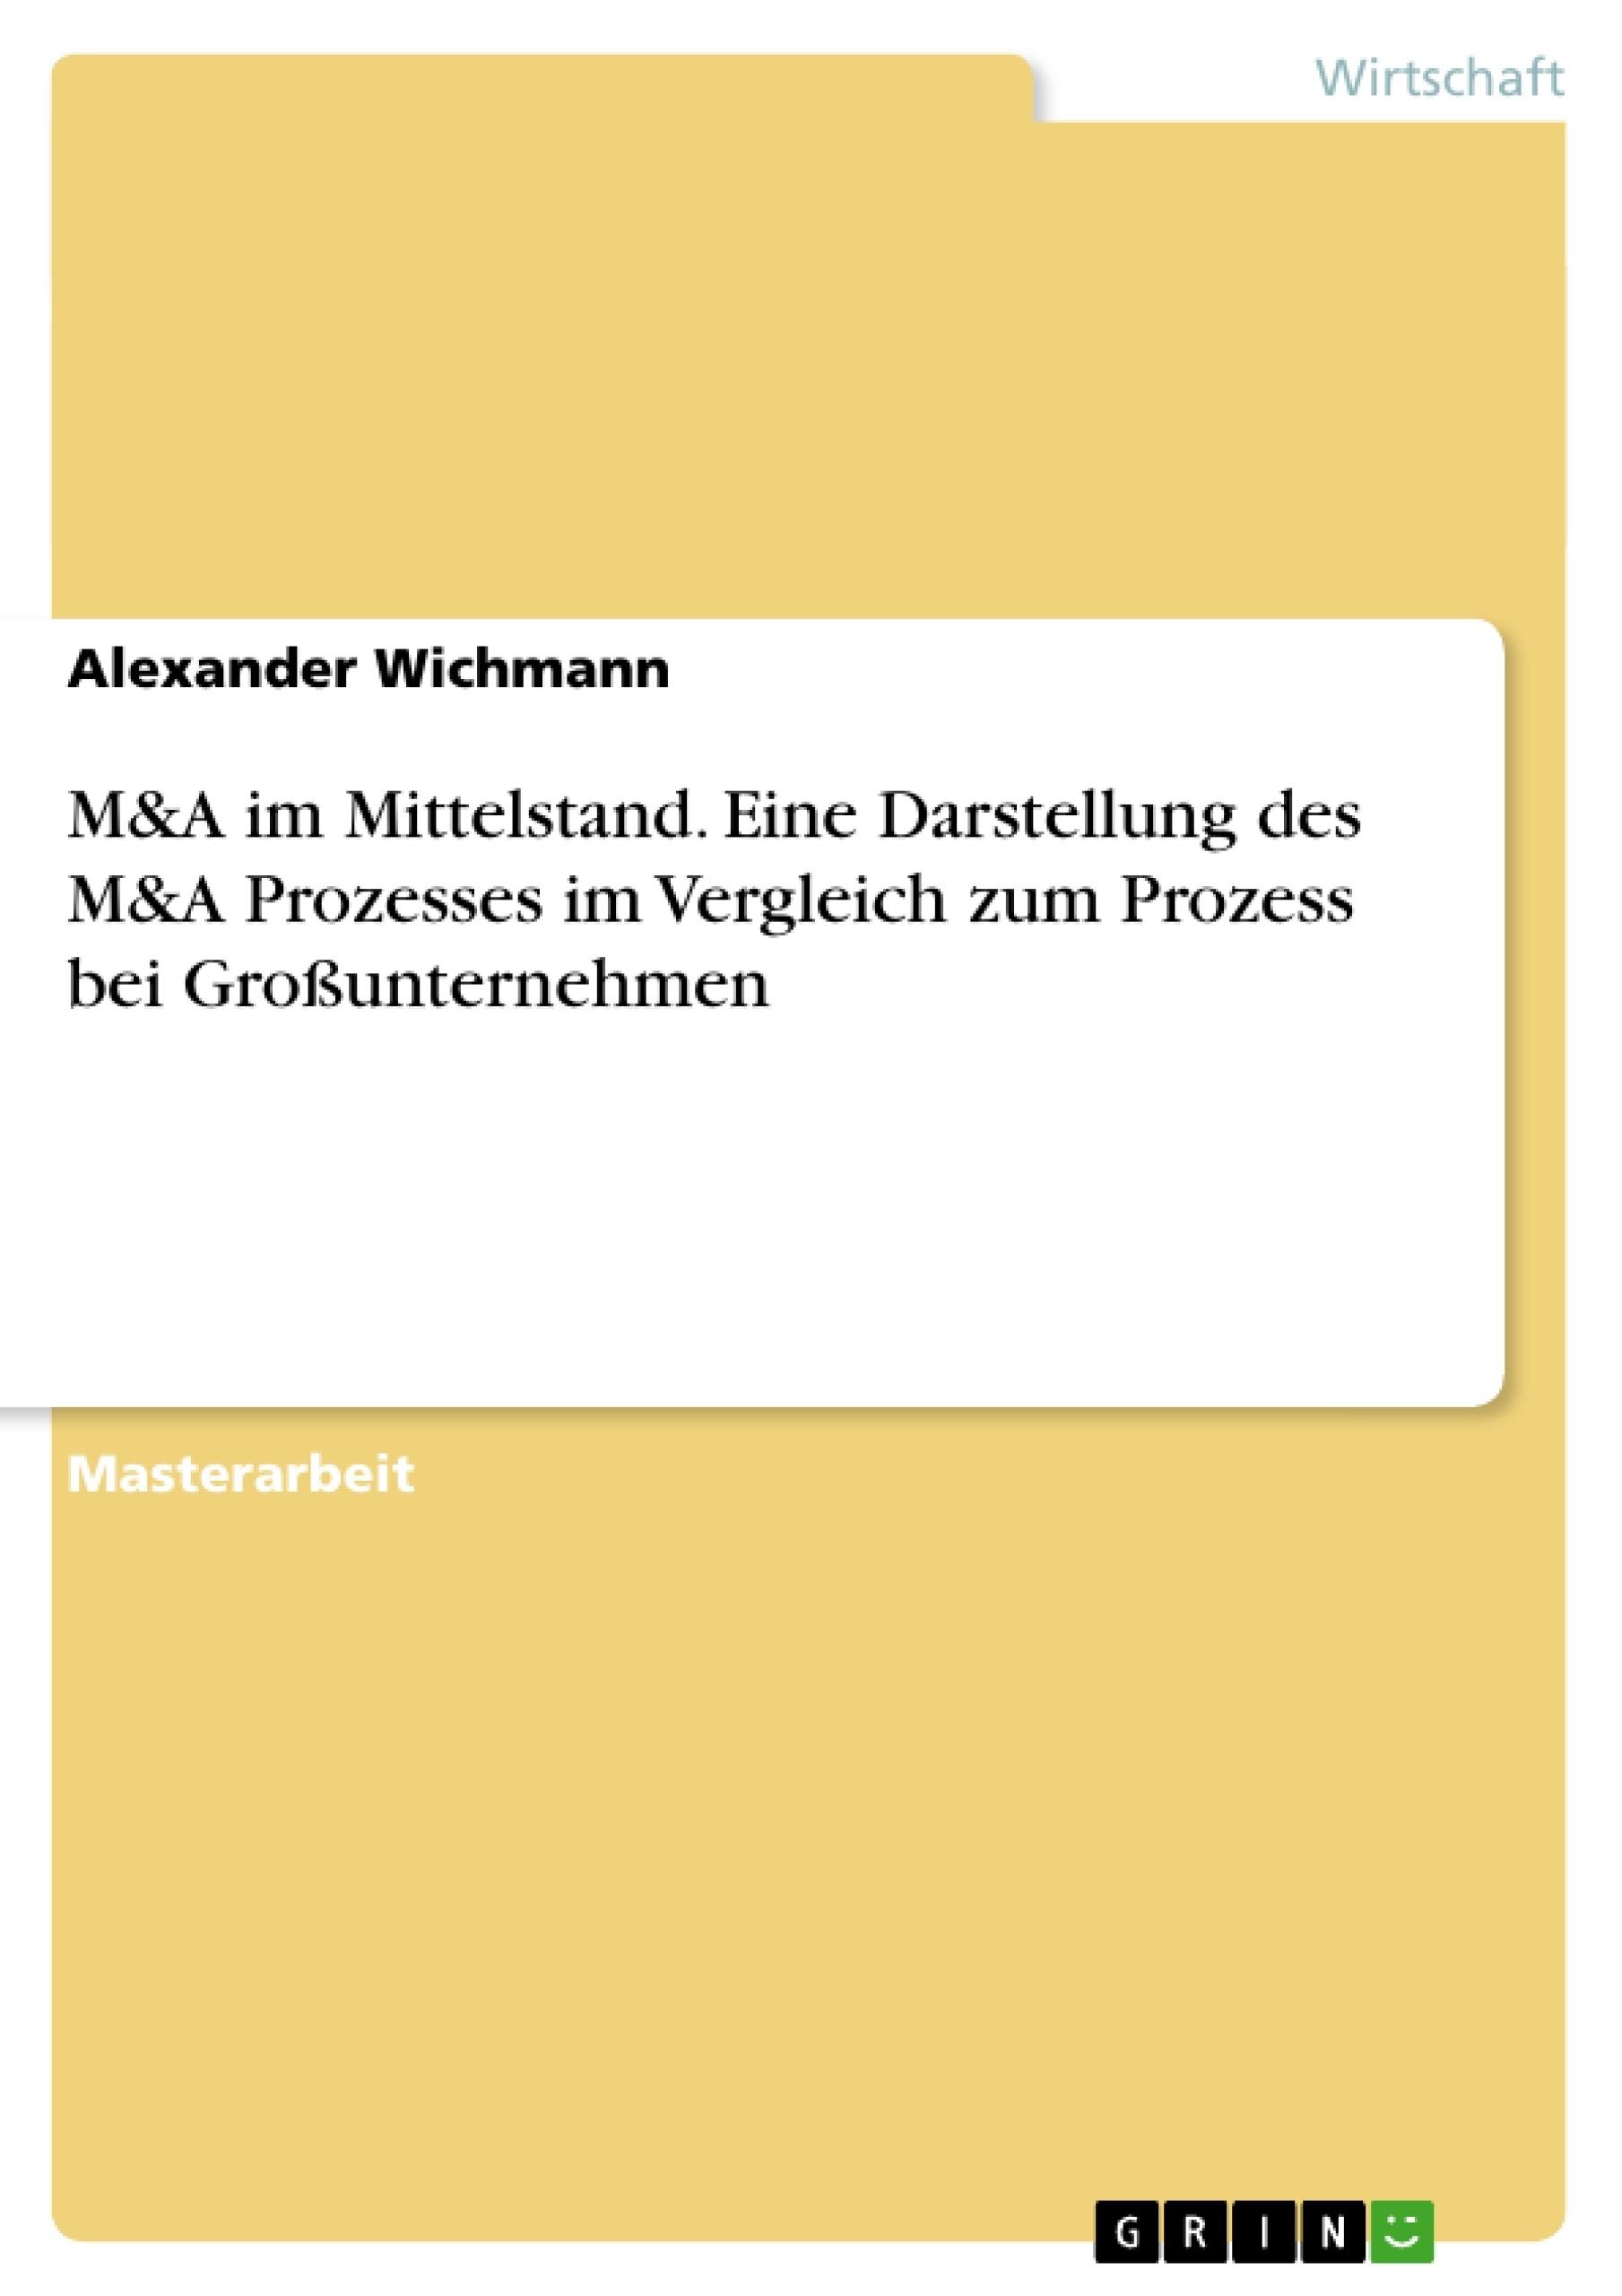 Titel: M&A im Mittelstand. Eine Darstellung des M&A Prozesses im Vergleich zum Prozess bei Großunternehmen